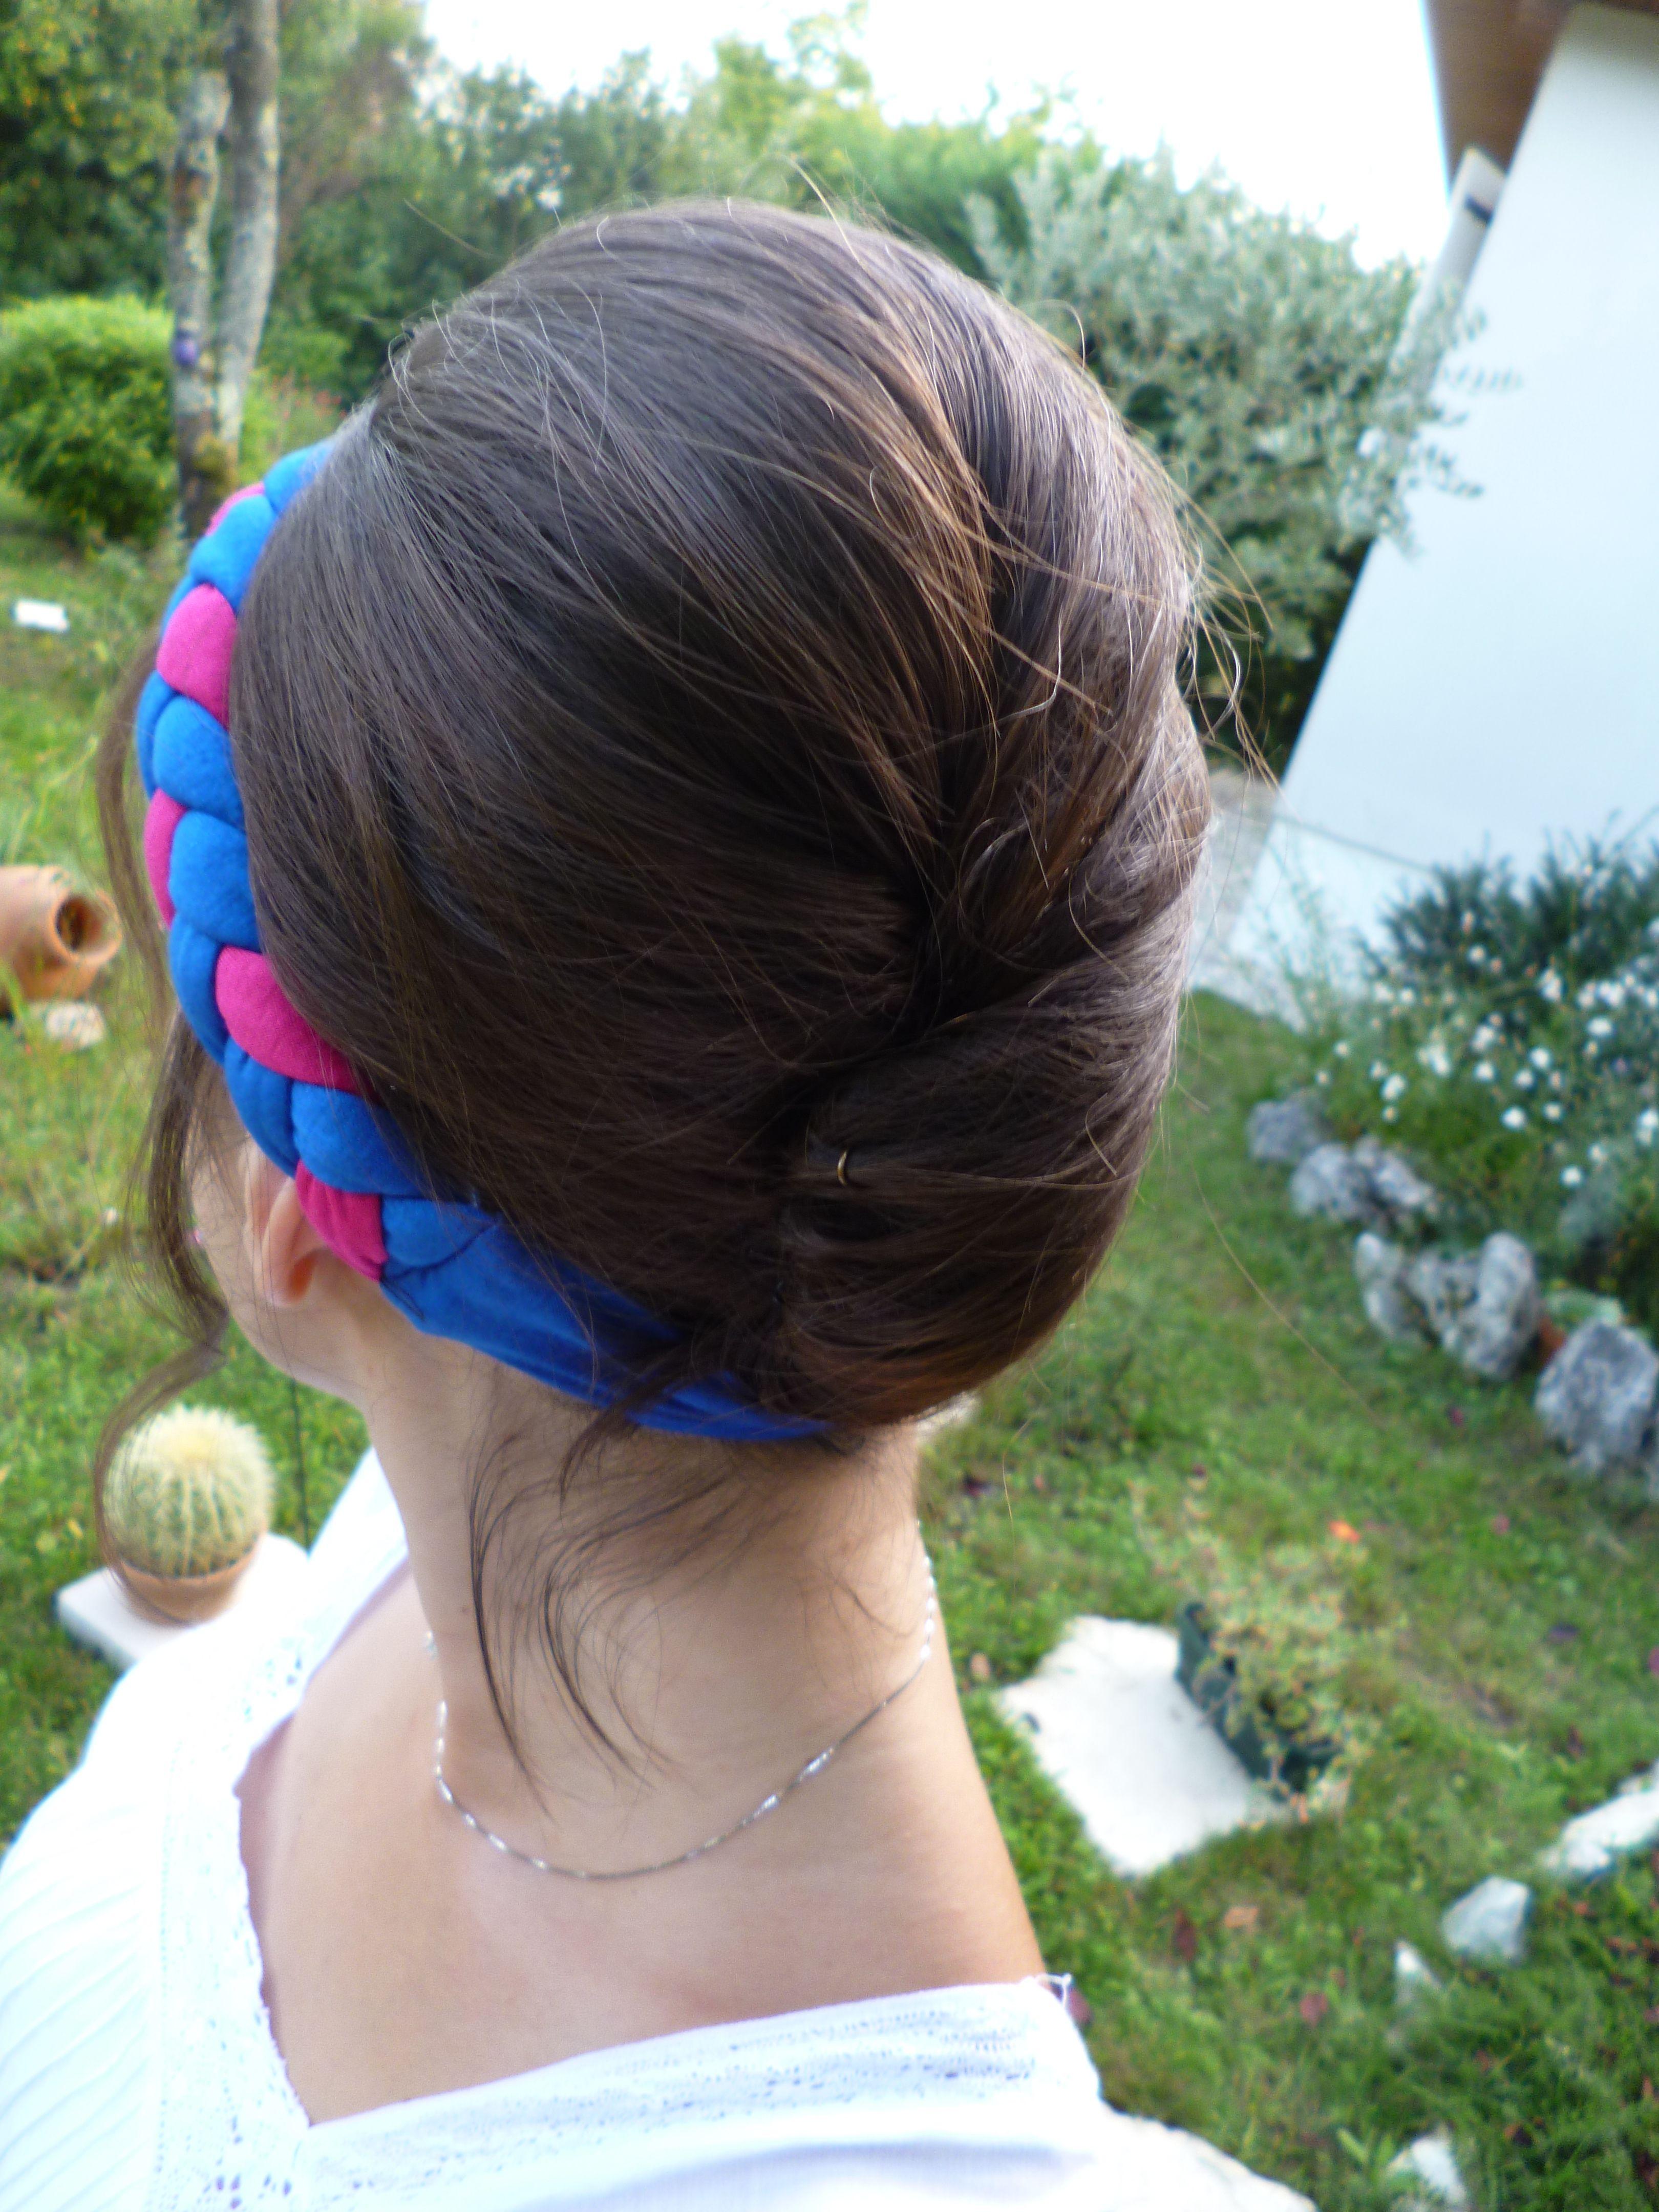 Chignon Banane réalisé lors de l'événement Hair Bar @Lisa Y. PARIS à Bordeaux avec un headband tresse Adélie Paris.